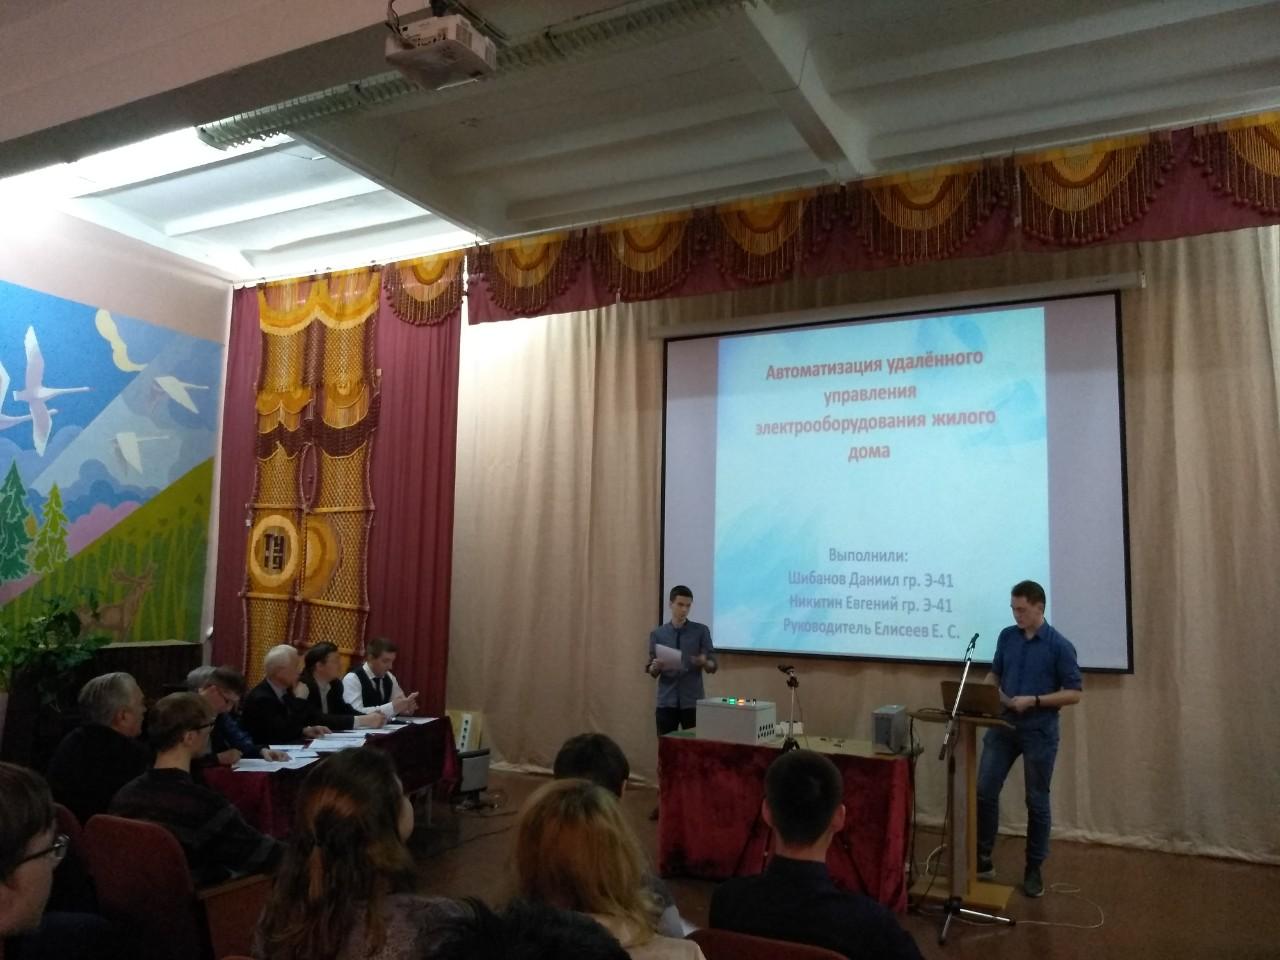 Республиканская конференция по электронике и информатизации